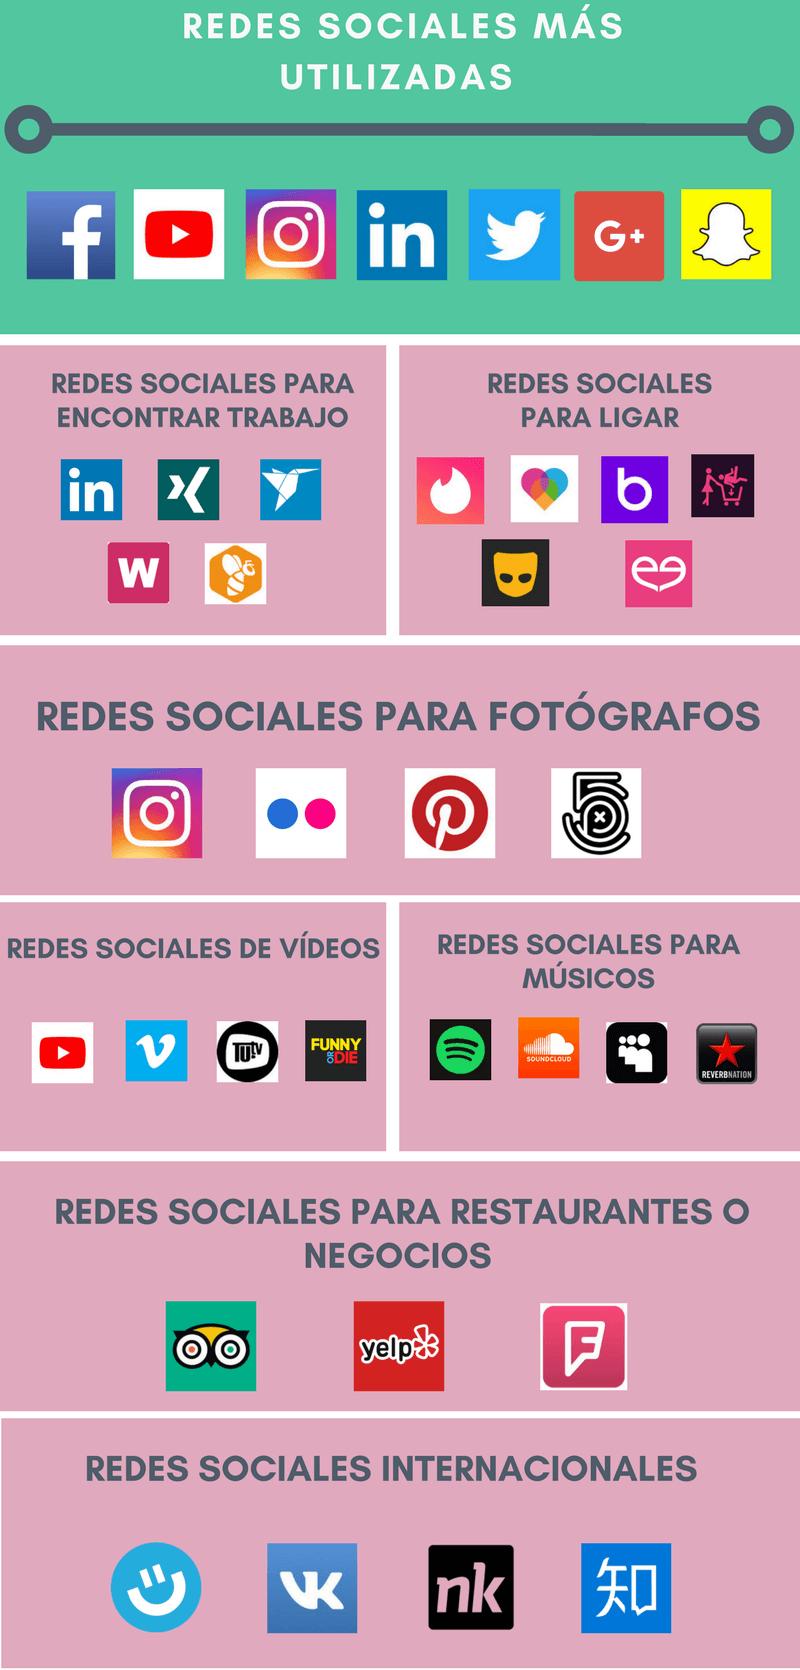 red social para conocer gente y ligar